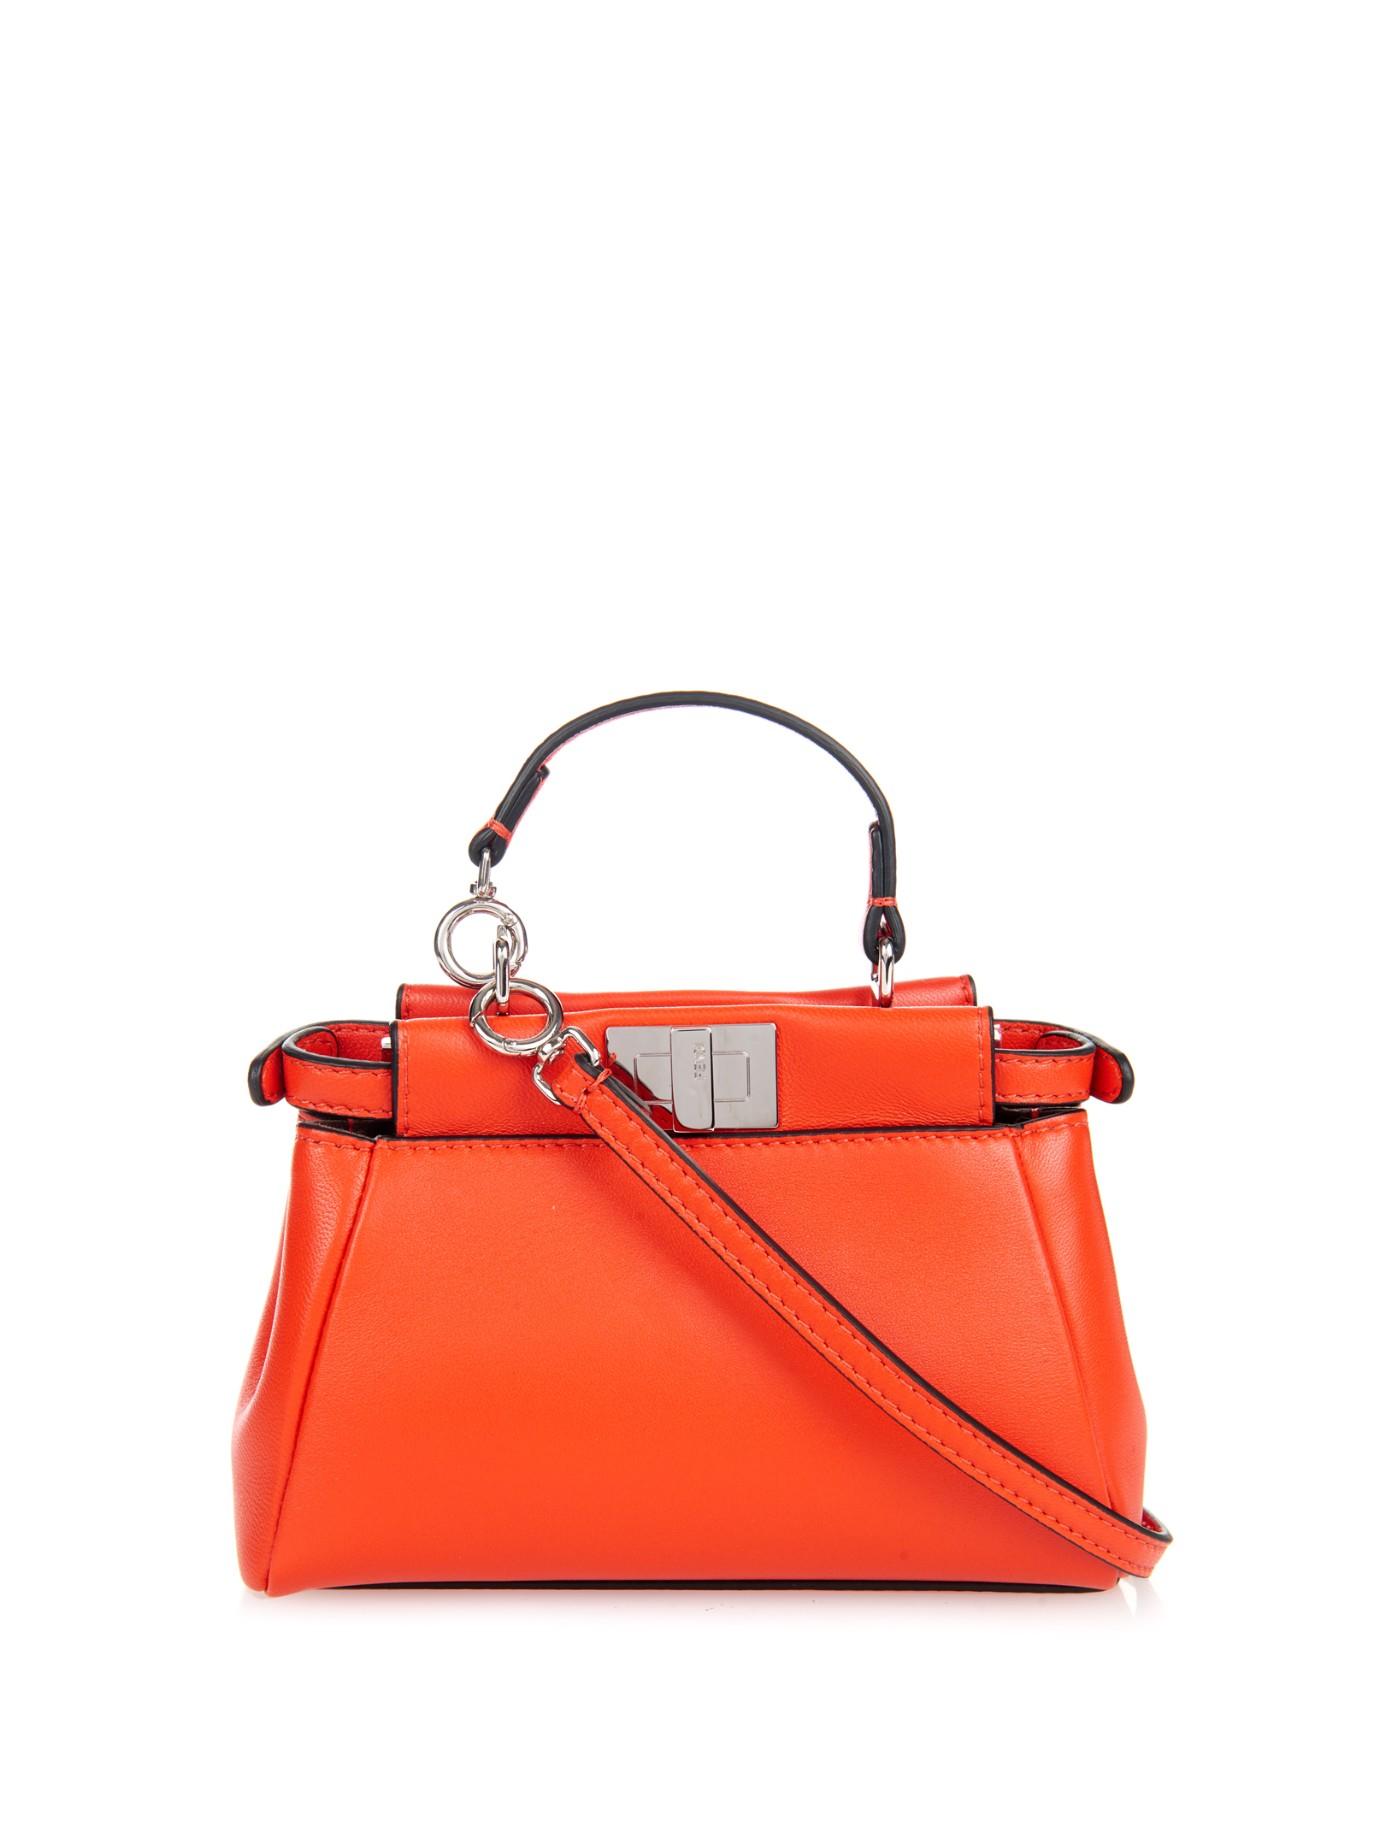 de74358ac1b3 ... shop lyst fendi micro peekaboo leather cross body bag in orange fbd2e  58bd4